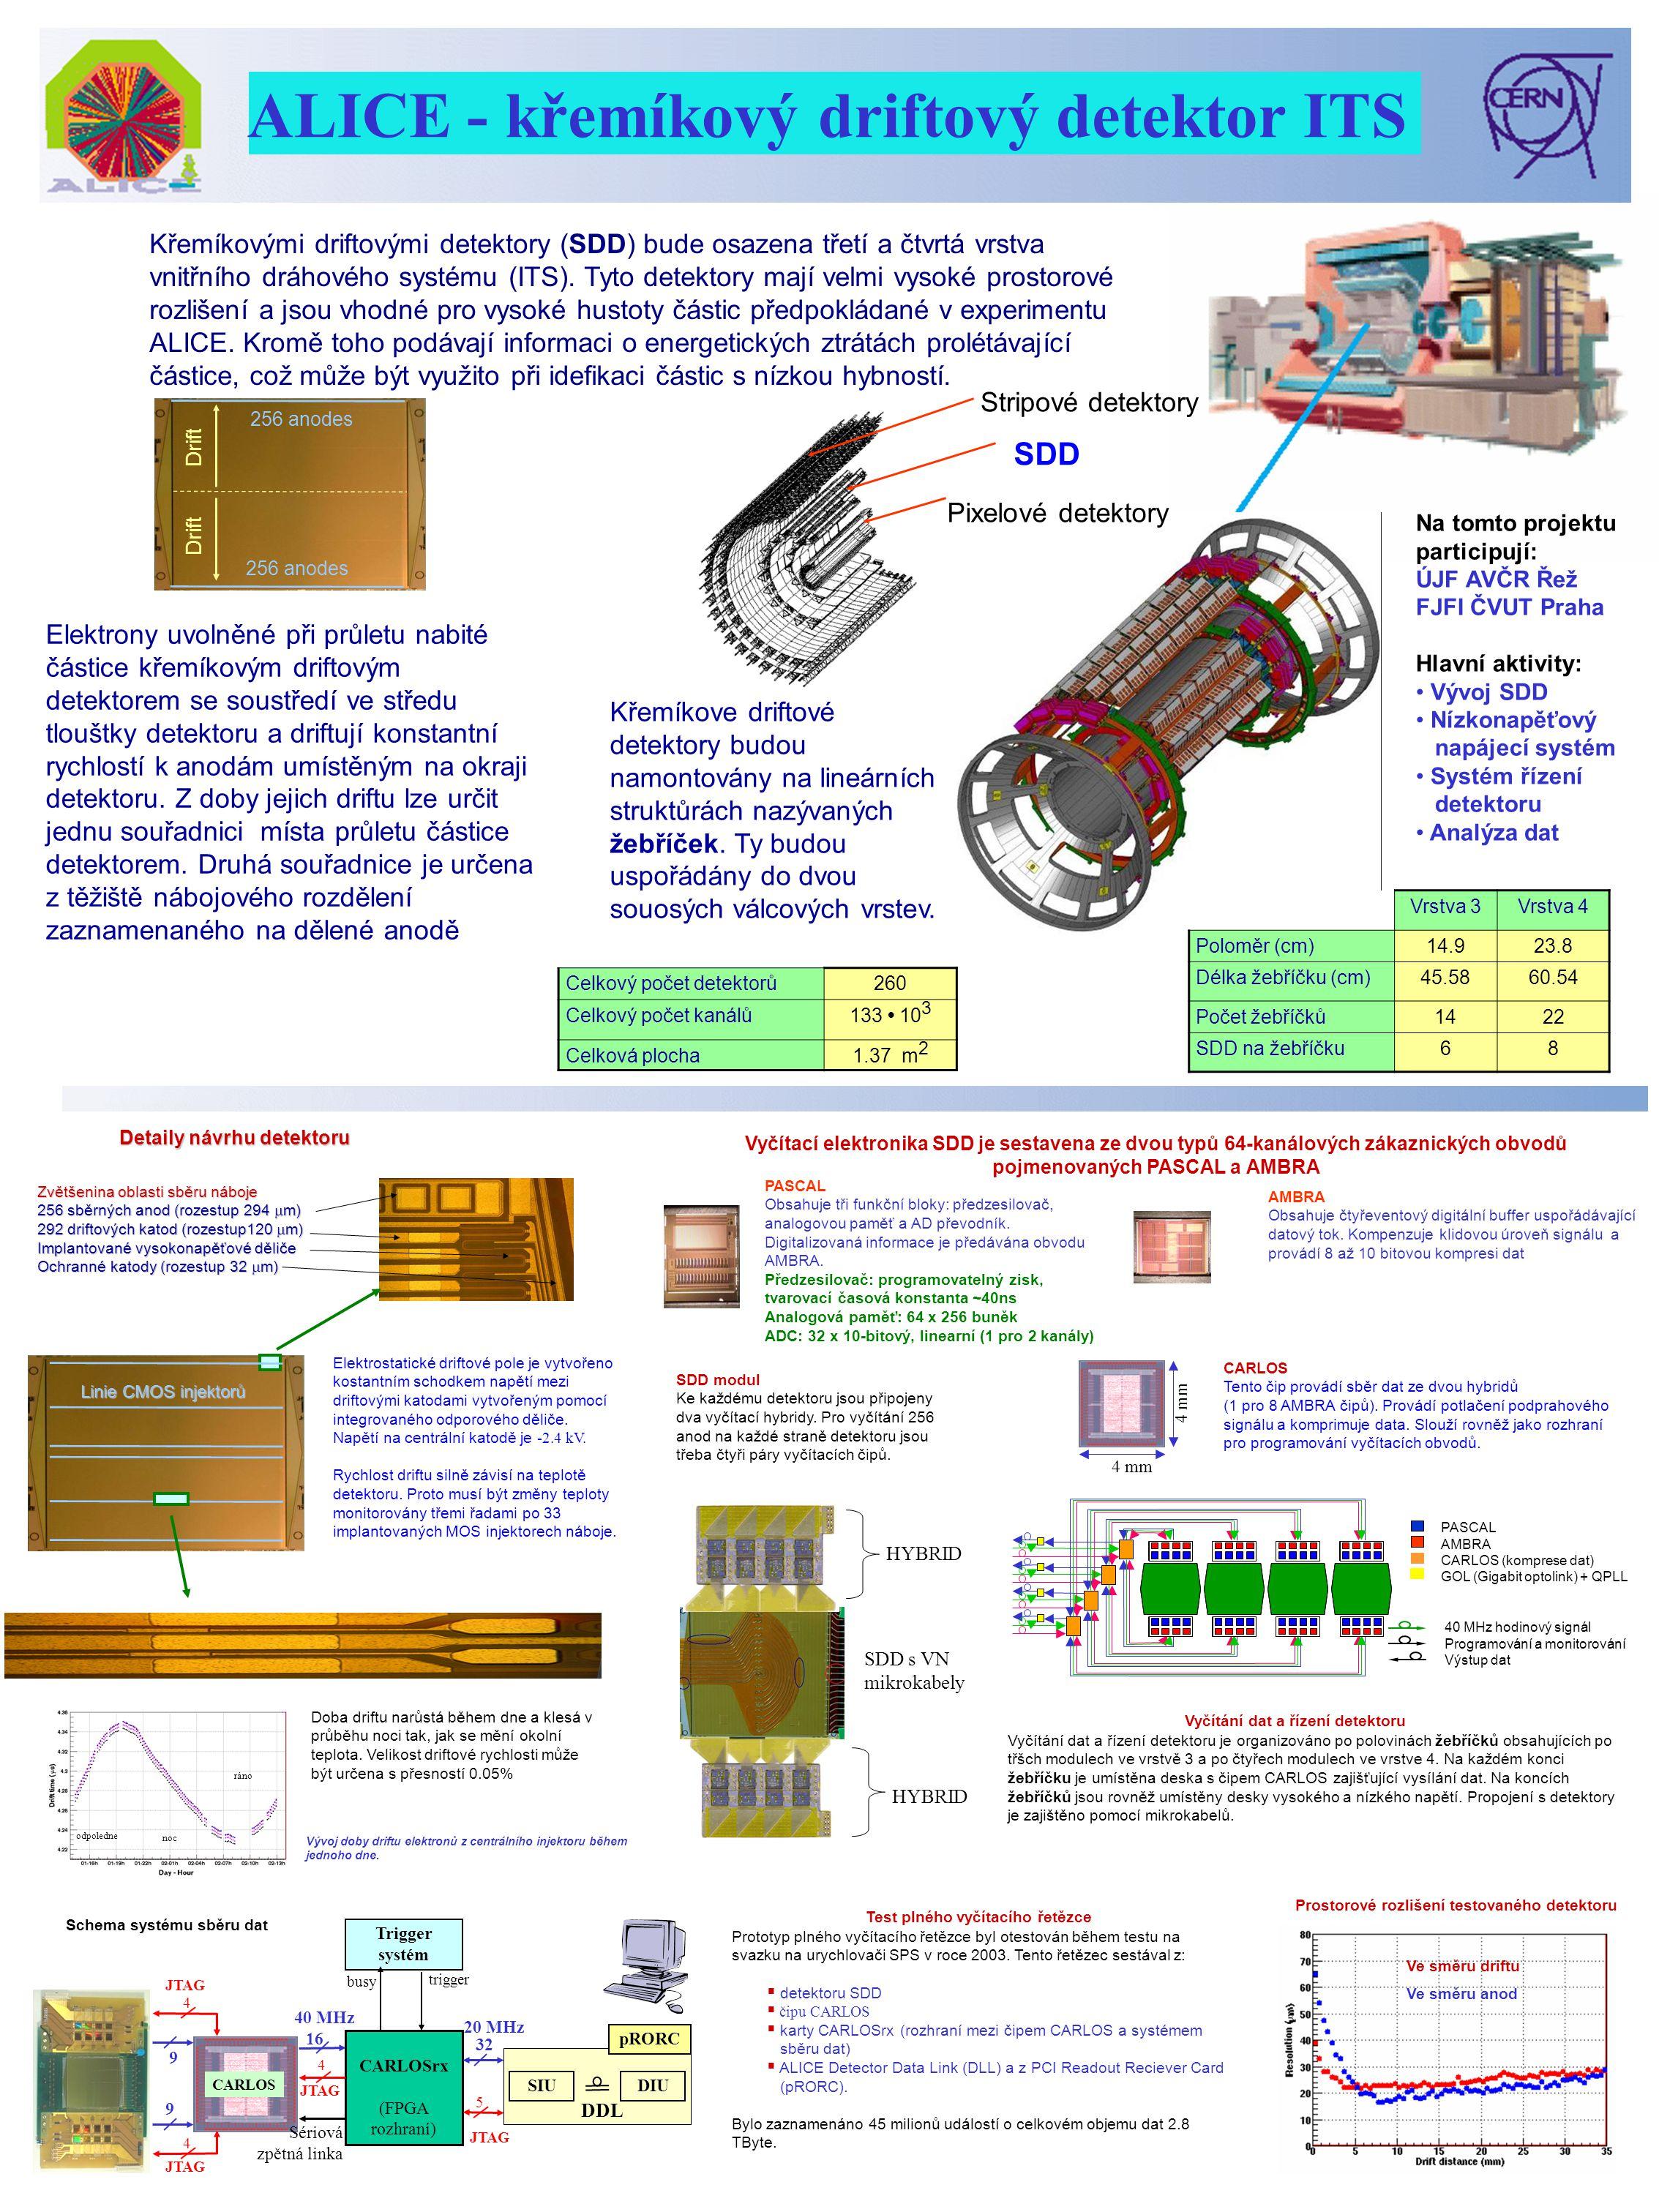 Křemíkovými driftovými detektory (SDD) bude osazena třetí a čtvrtá vrstva vnitřního dráhového systému (ITS).